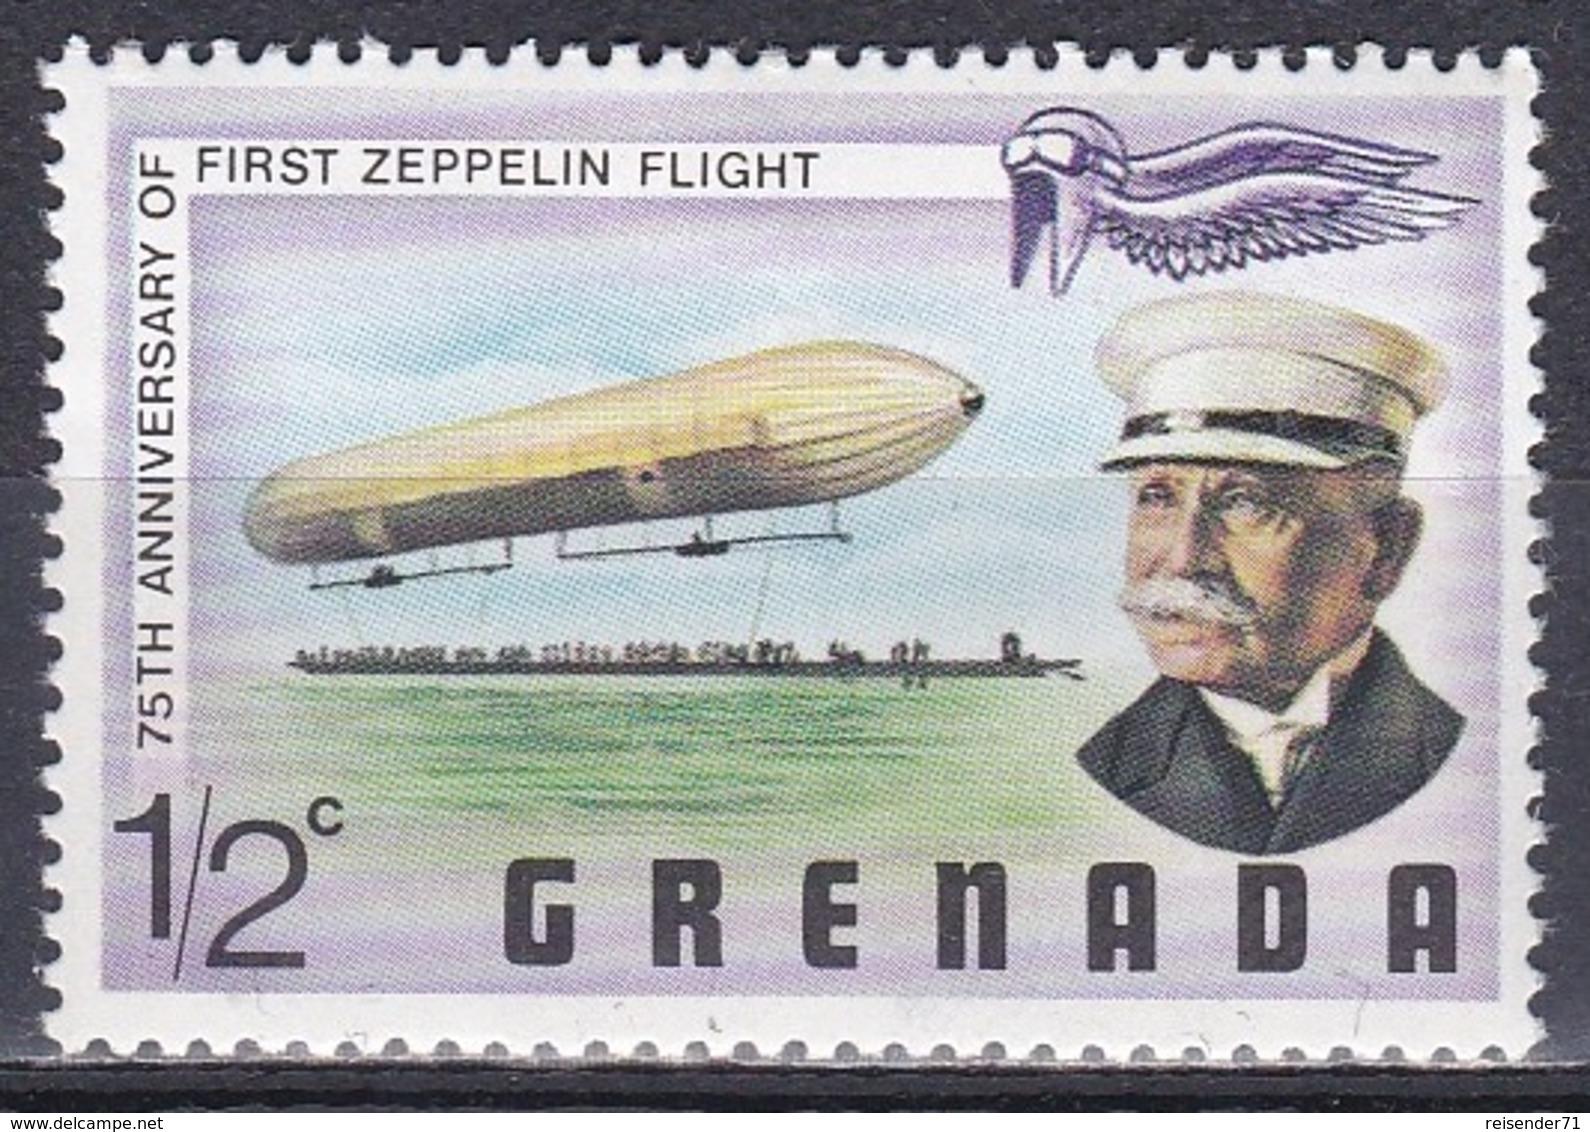 Grenada 1978 Transport Luftfahrt Aviation Luftschiff Zeppelin Airship Persönlichkeiten Ferdinand Zeppelin, Mi. 872 ** - Grenade (1974-...)